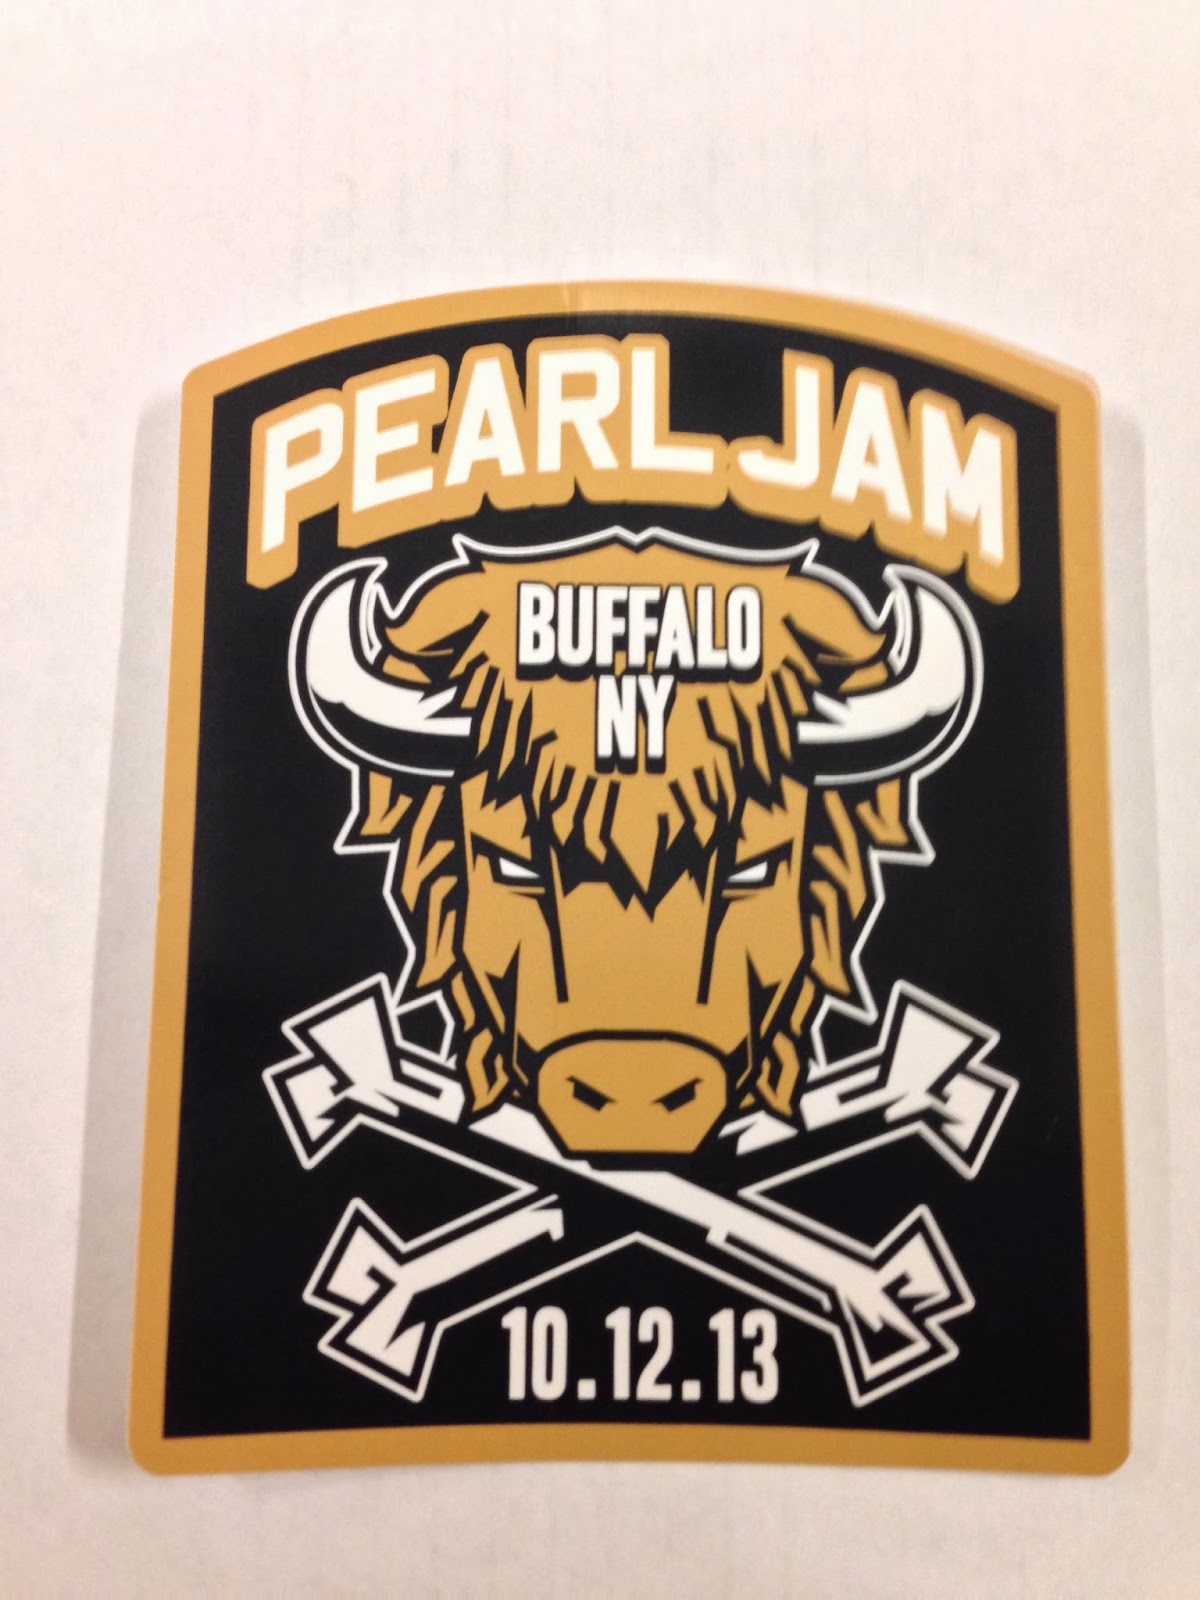 Inside The Rock Poster Frame Blog Pearl Jam Buffalo